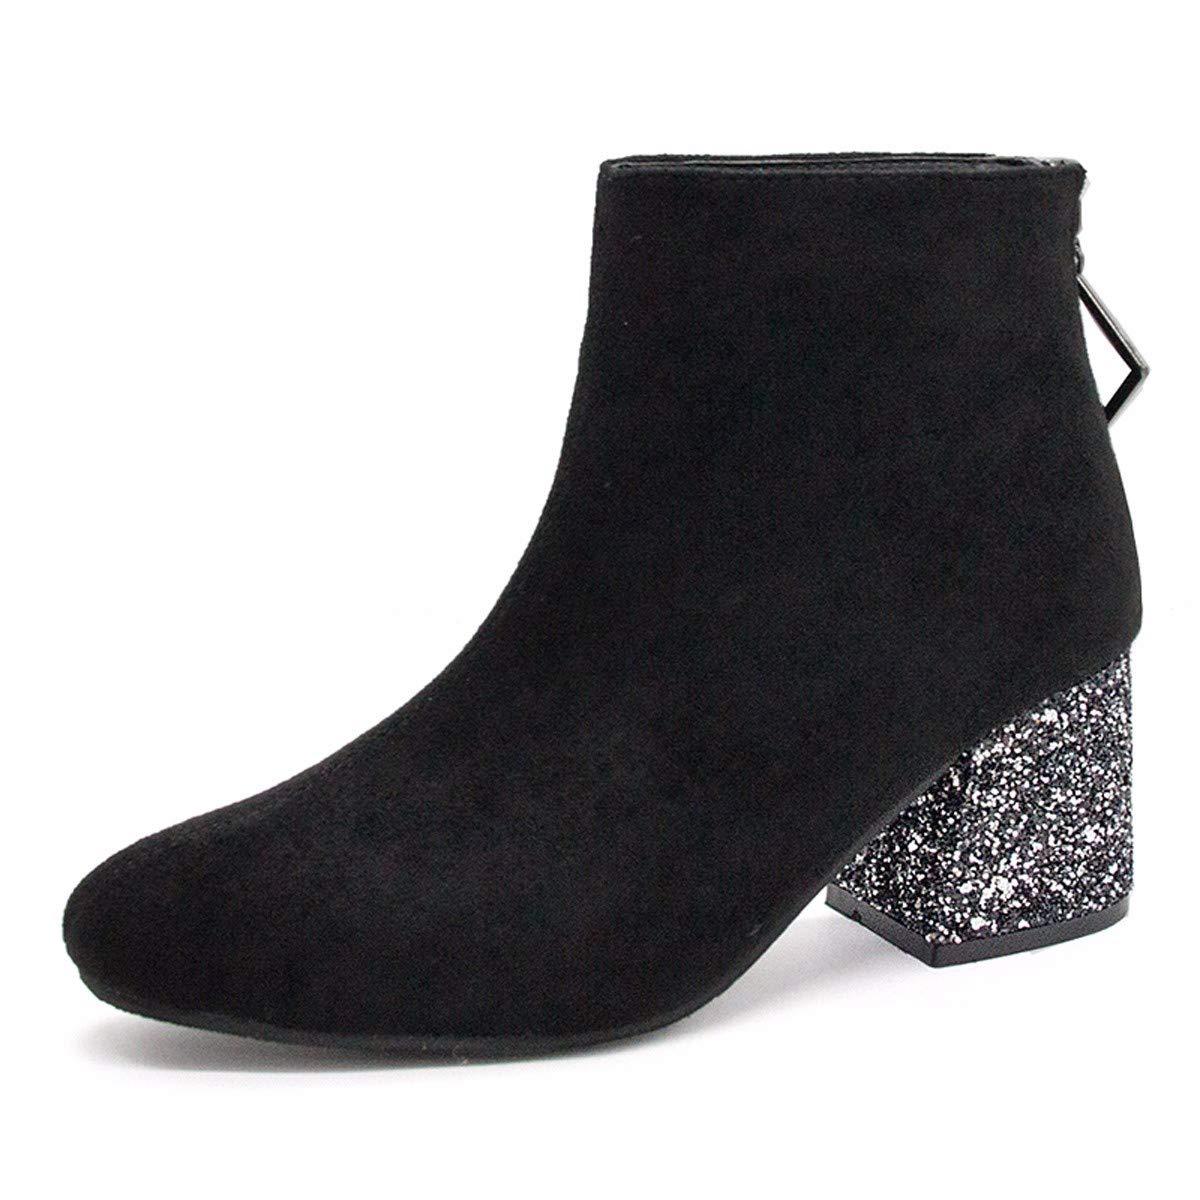 HBDLH Damenschuhe/Kurze Stiefel High - 6 cm Baumwolle Stiefel Dünn Und Wild Ma Dingxue